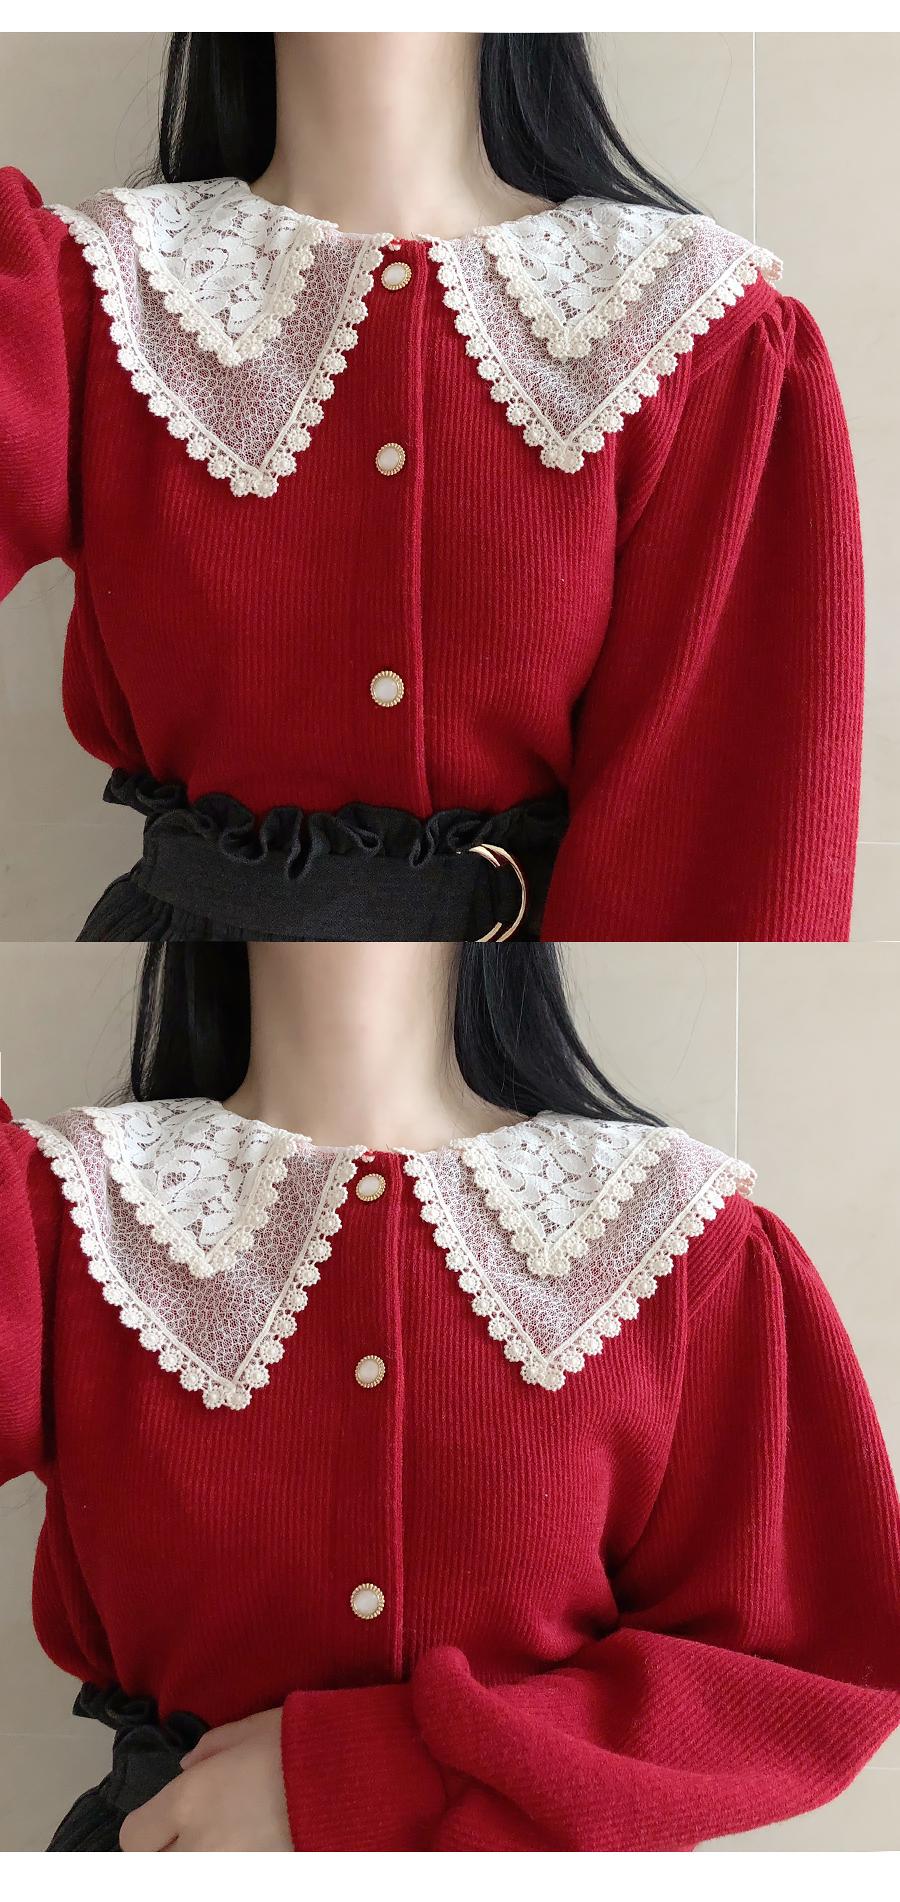 Chris Biccara knit cardigan